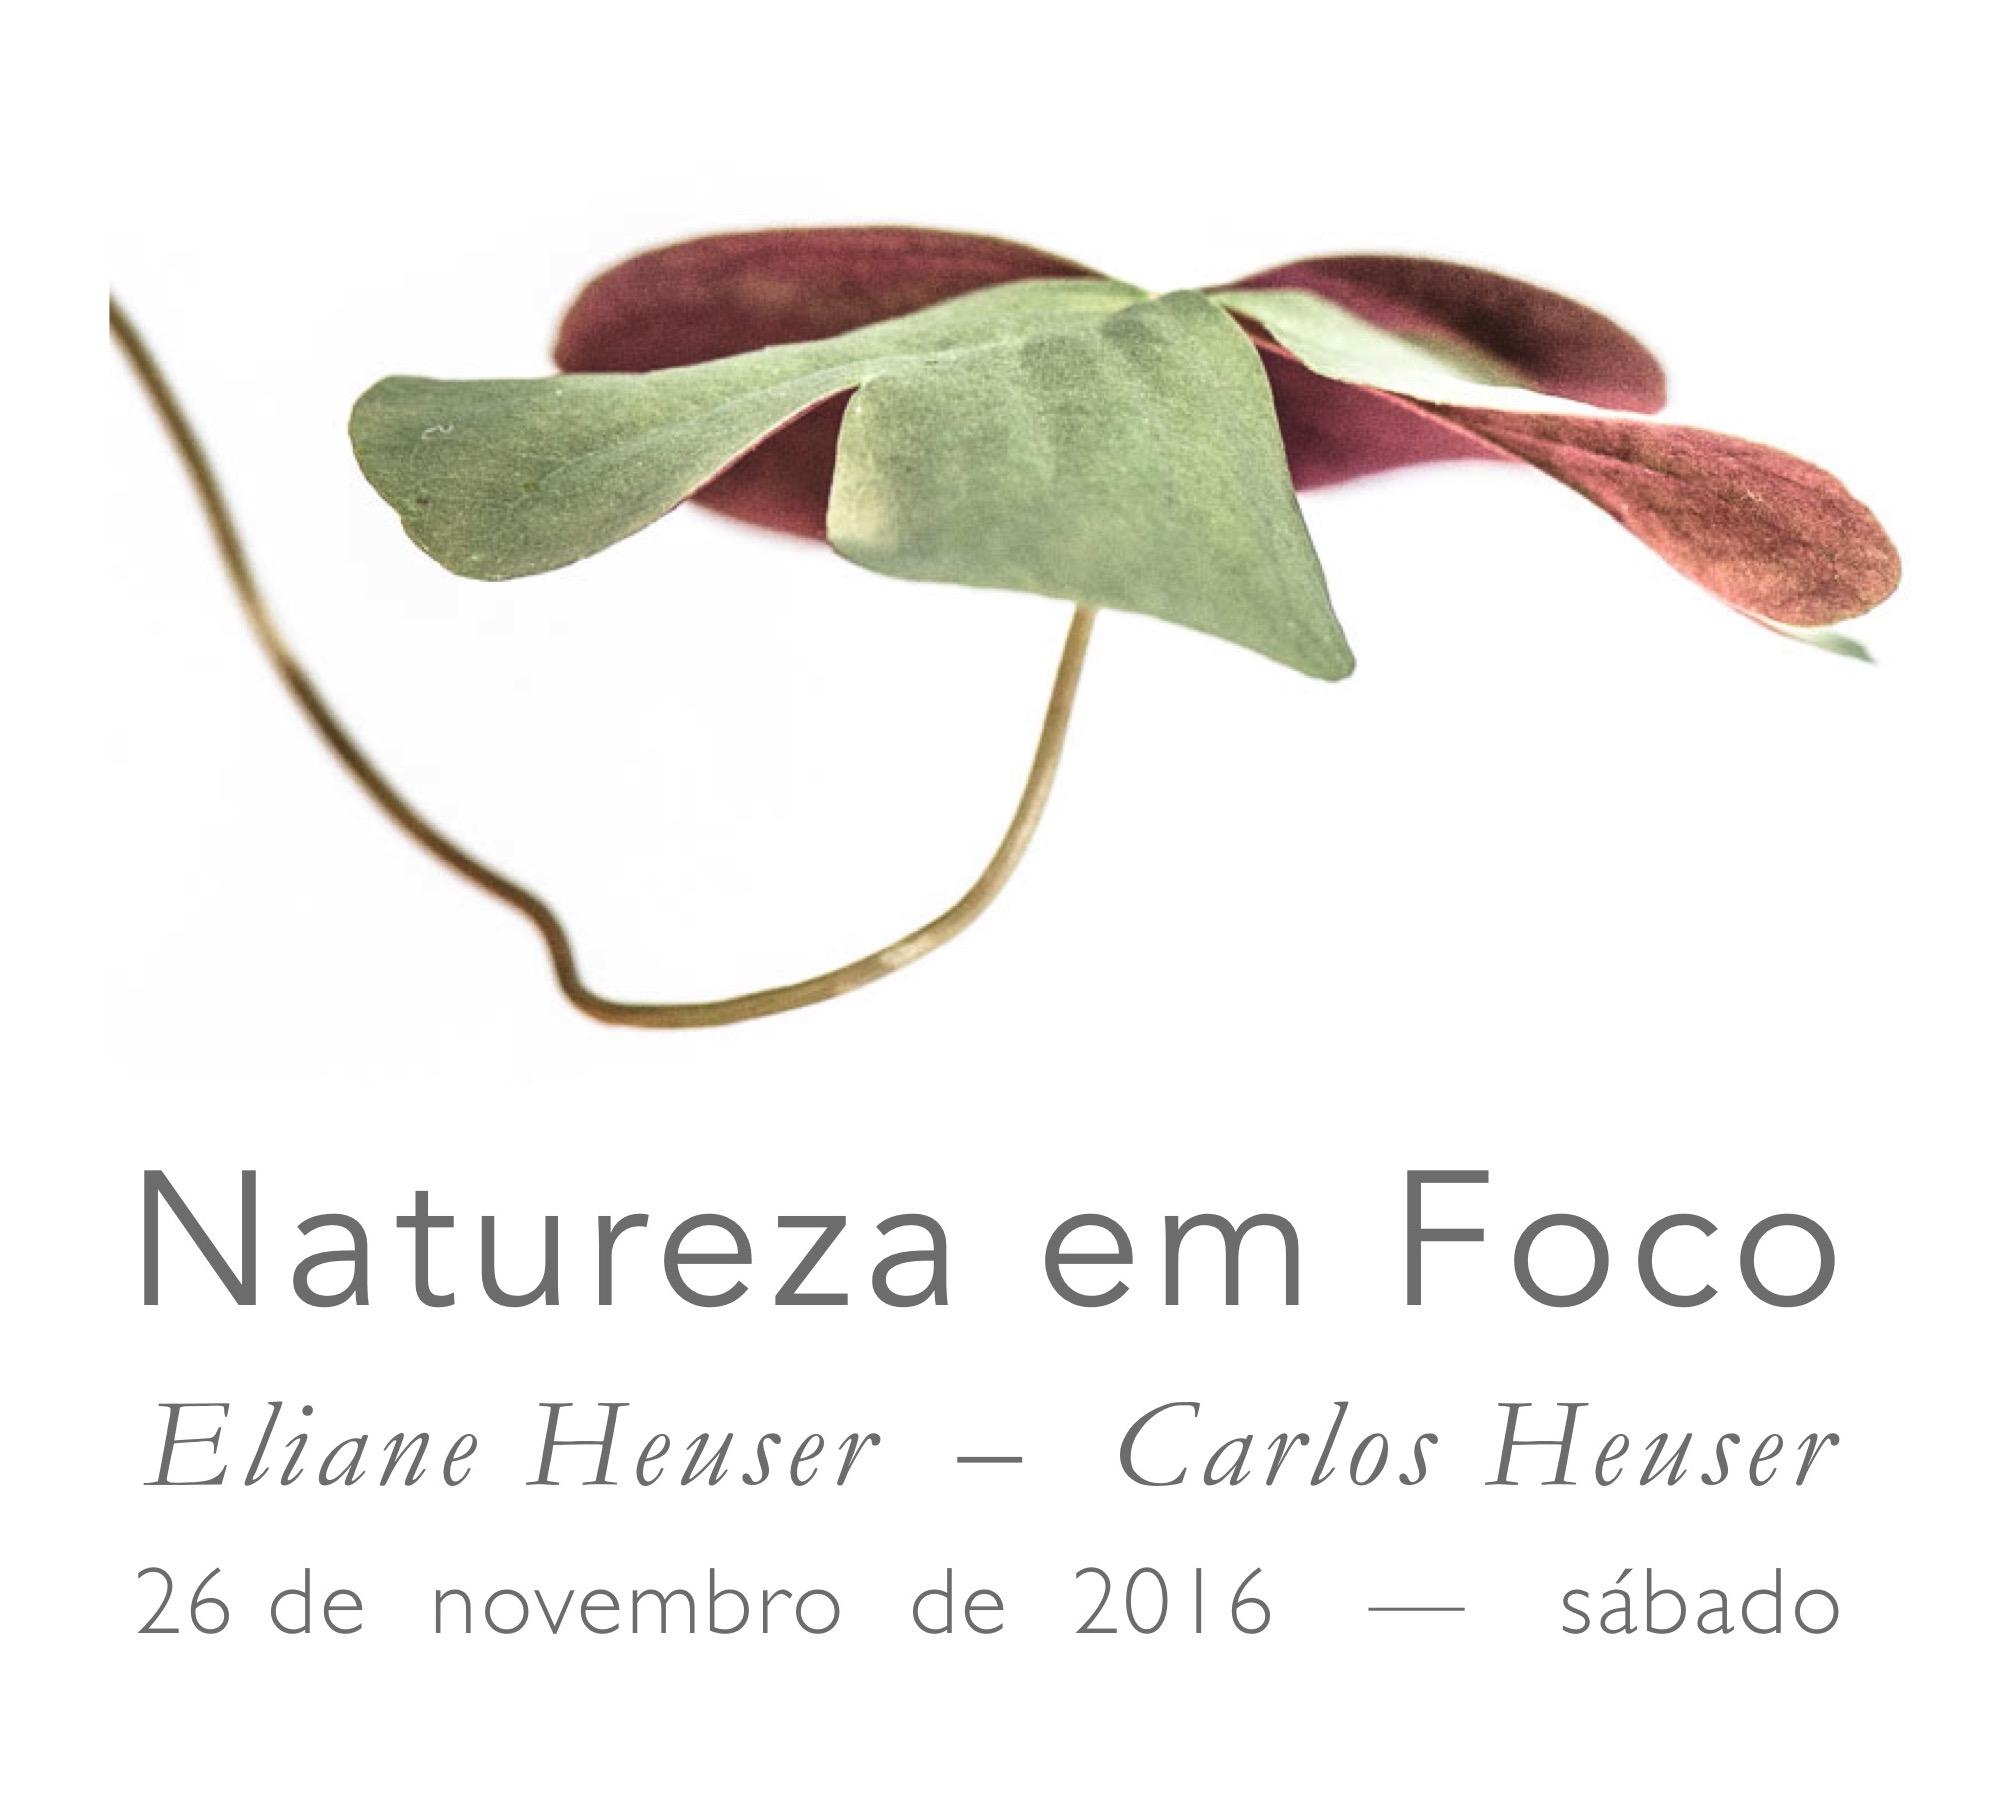 Natureza em Foco 2016